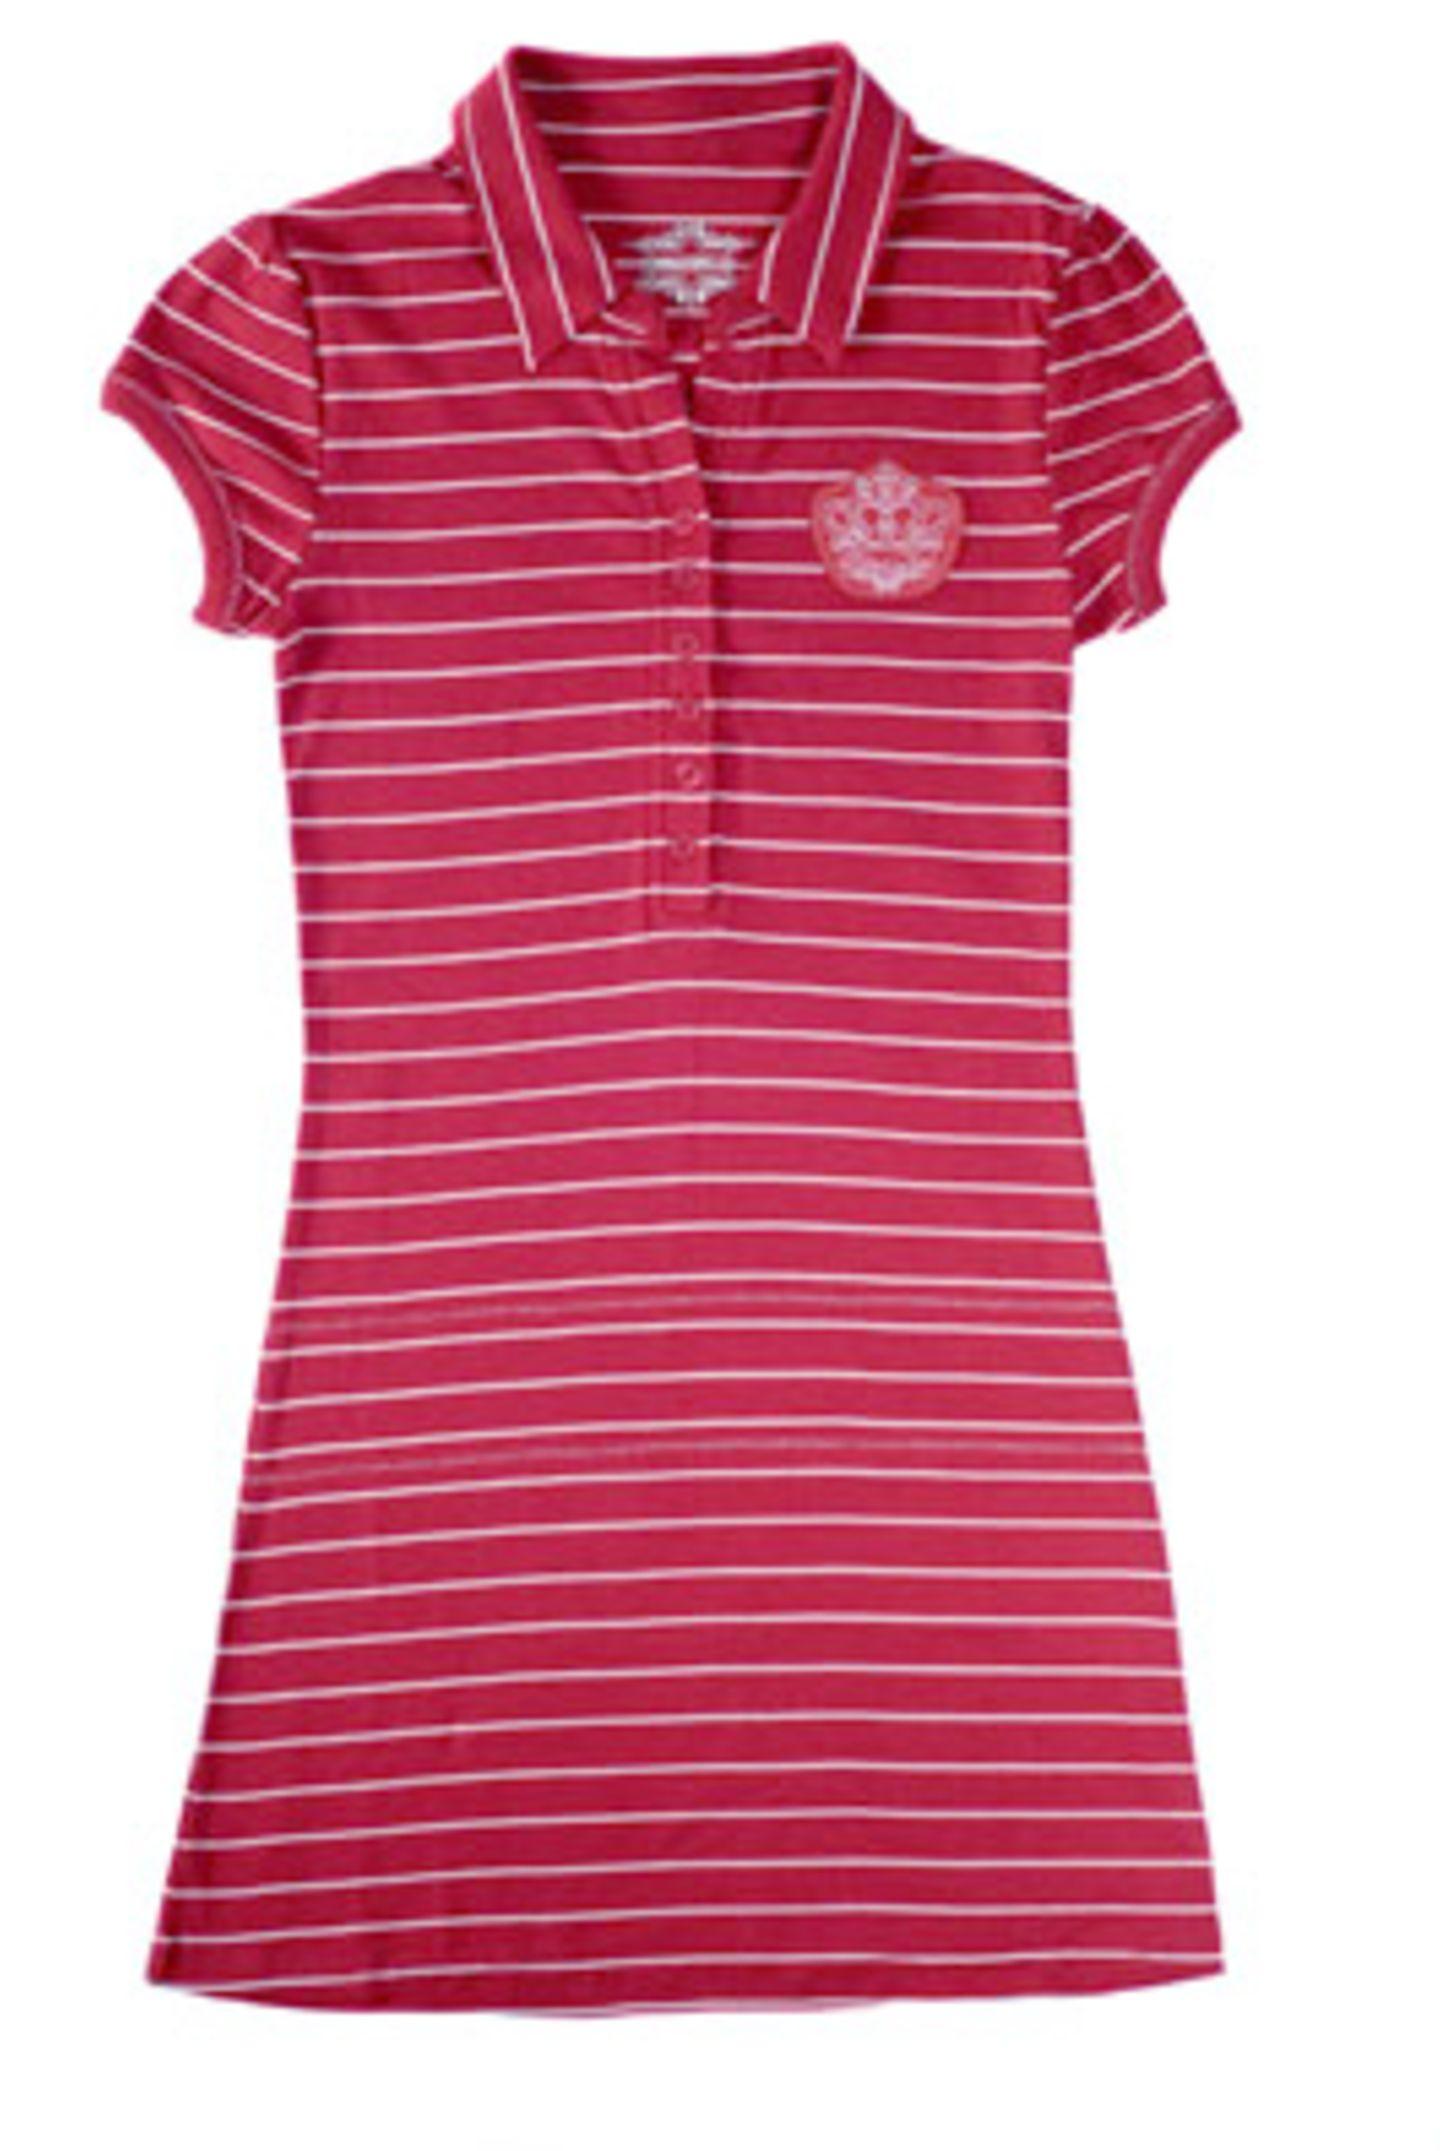 Rot-weiß geringeltes Kleid; 19,95 Euro; von mister.lady